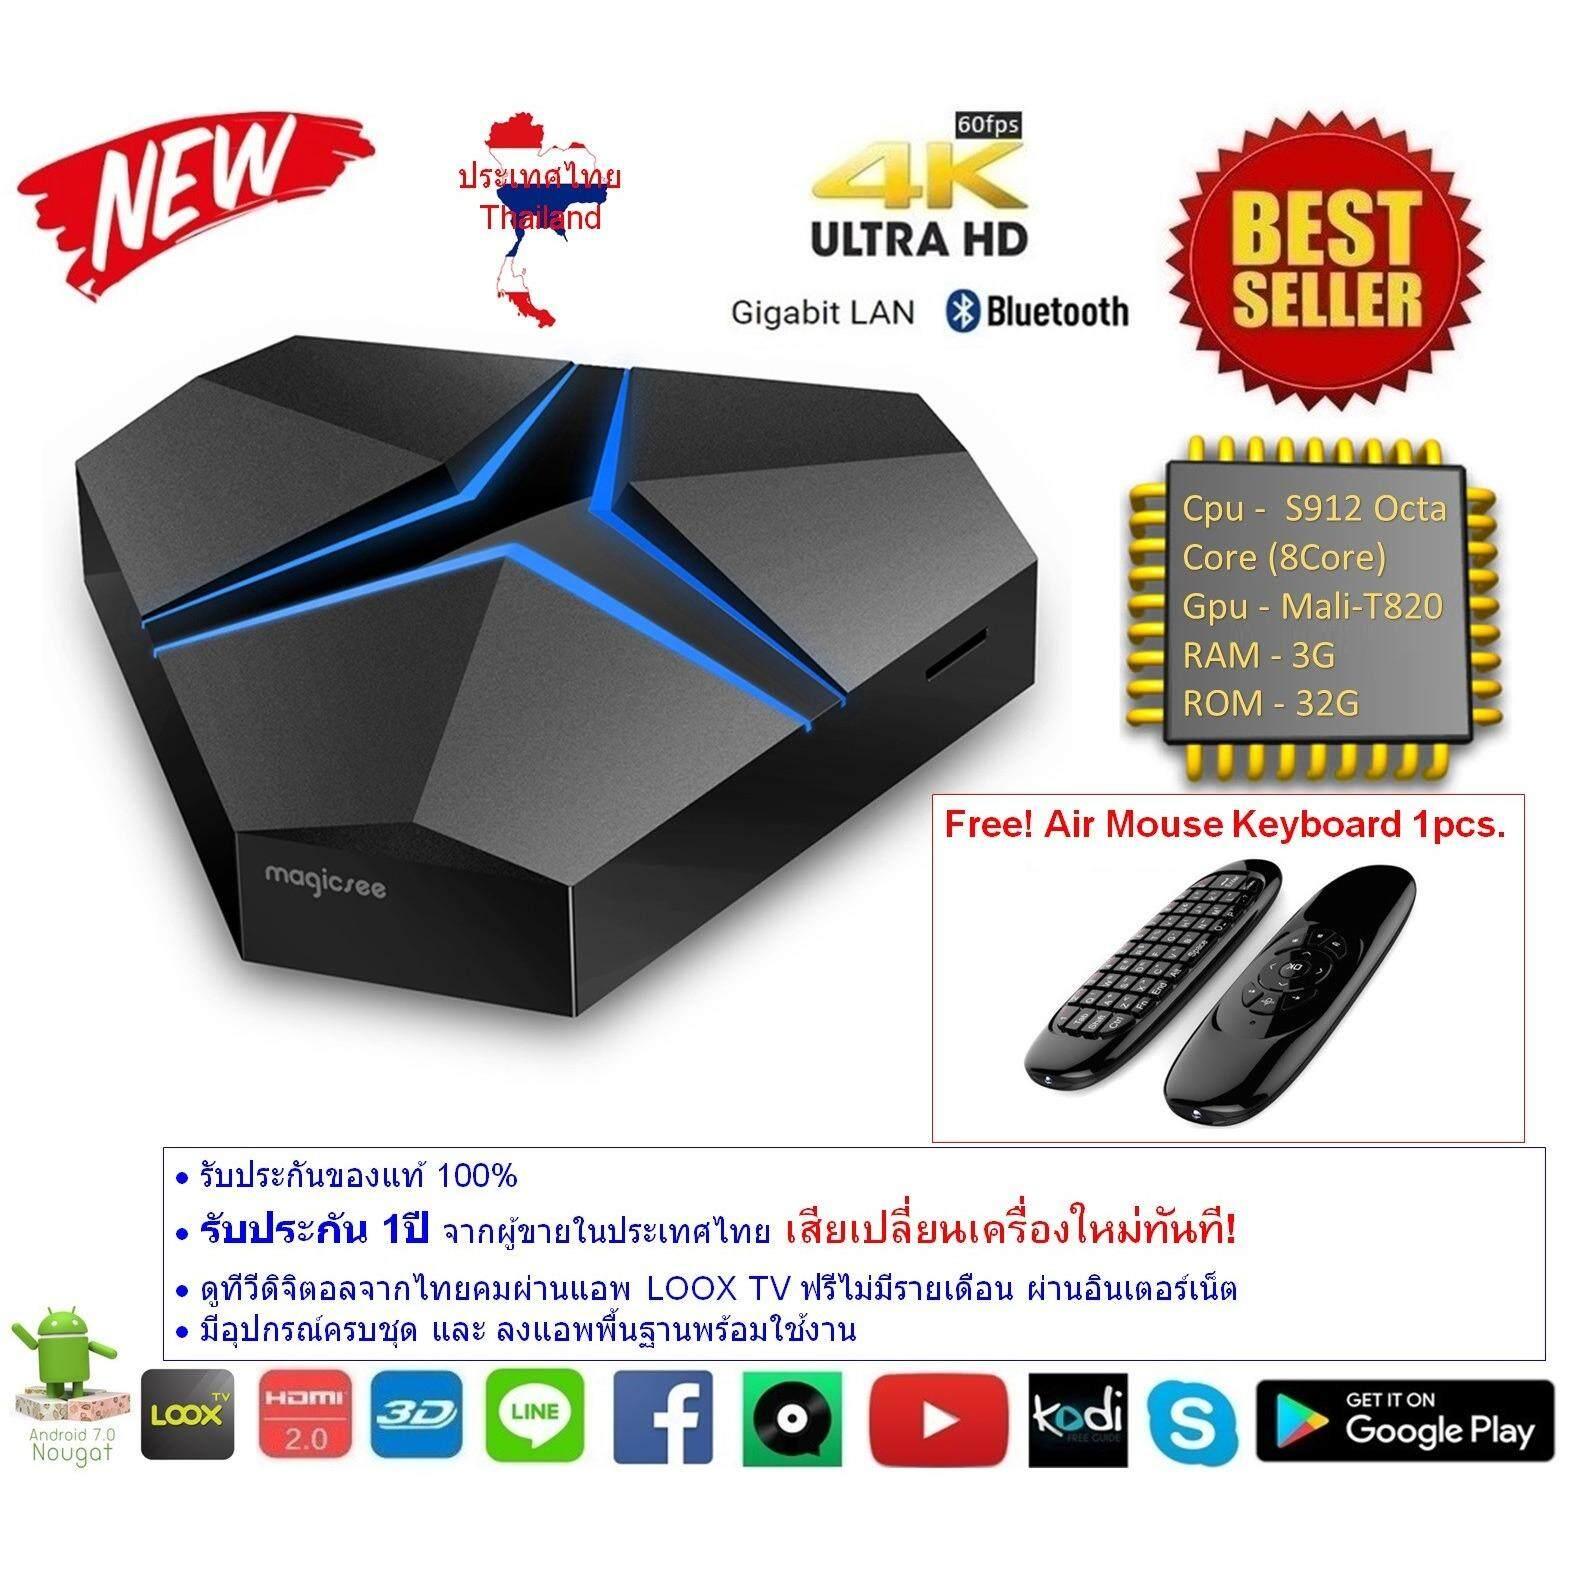 โปรโมชั่น Android Smart Tv Box Magicsee Iron Plus Octa Core Cpu S912 Ram 3G Rom 32G Uhd 4K Android Nougat 7 1 2 แถมฟรี Air Mouse Keyboard ใน กรุงเทพมหานคร